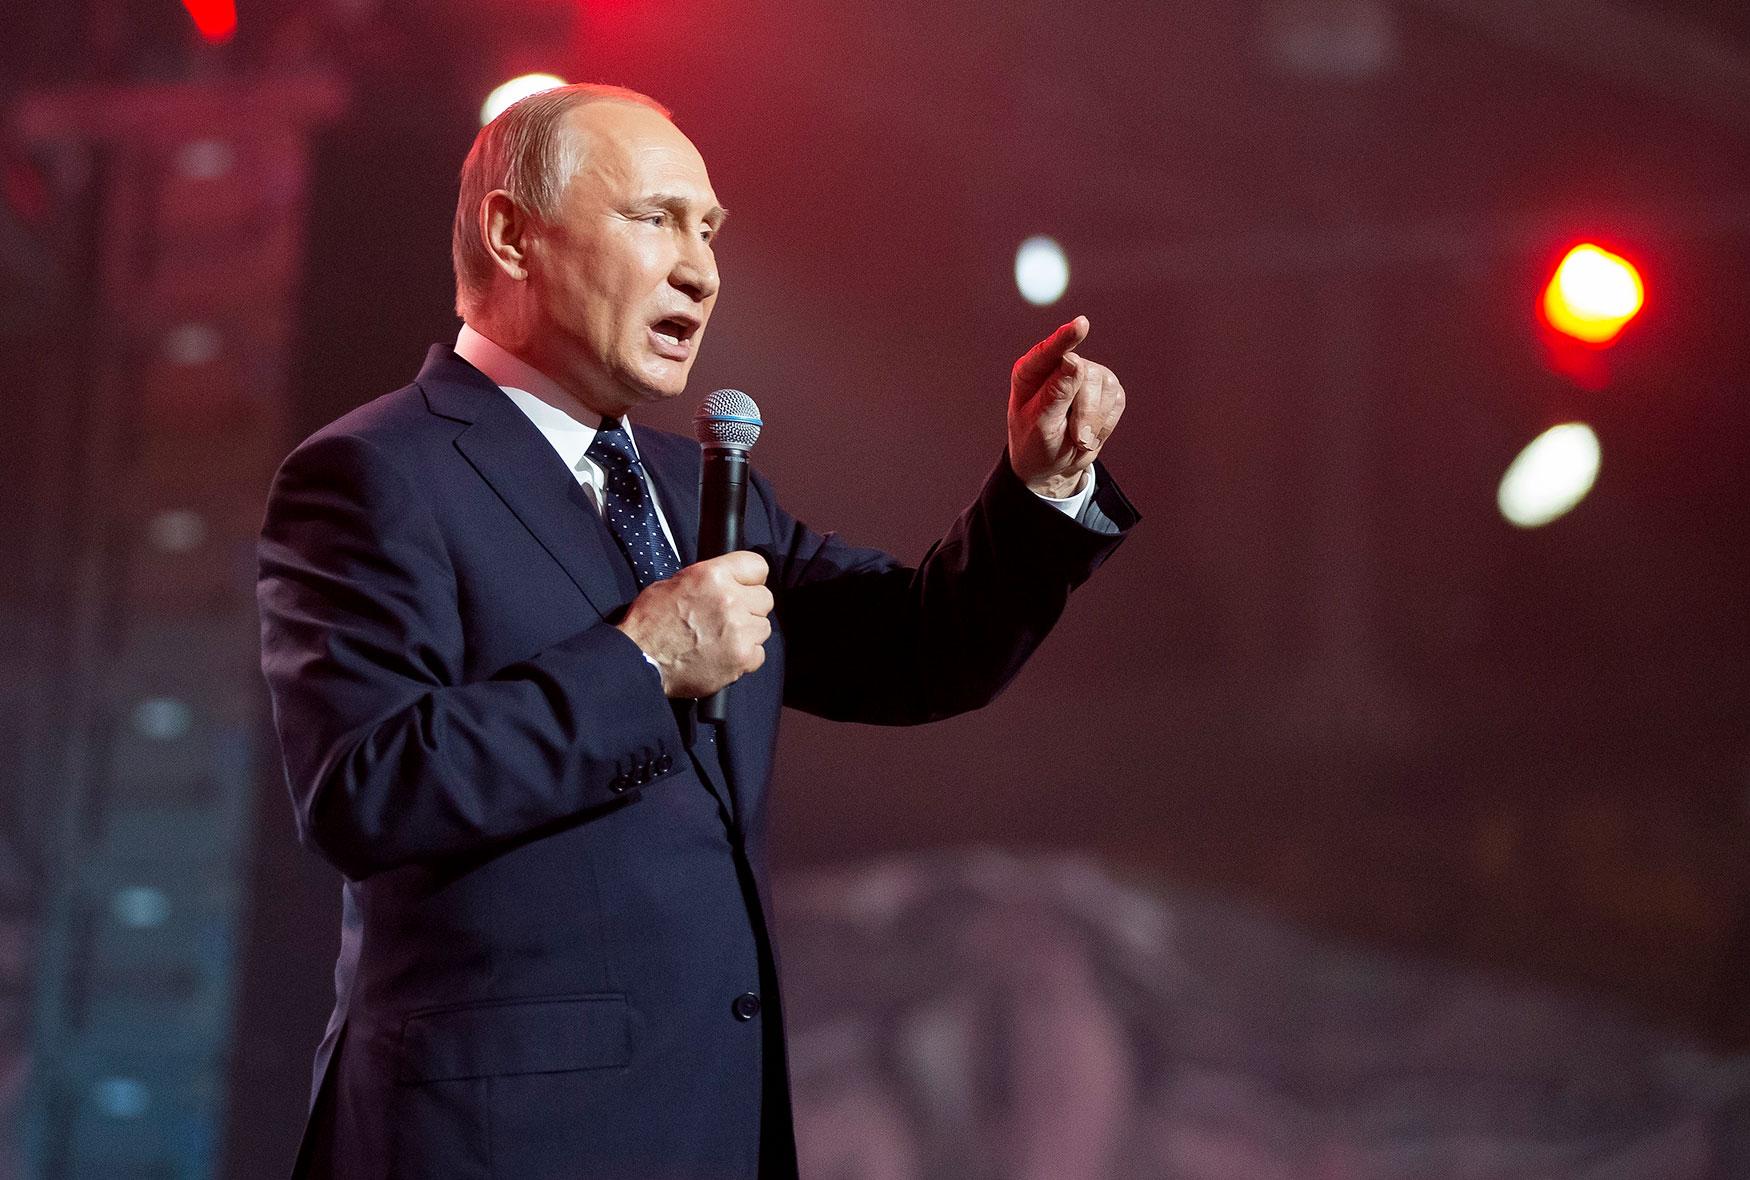 Стабилизация кризиса. Чтождет экономику России после победы Путина